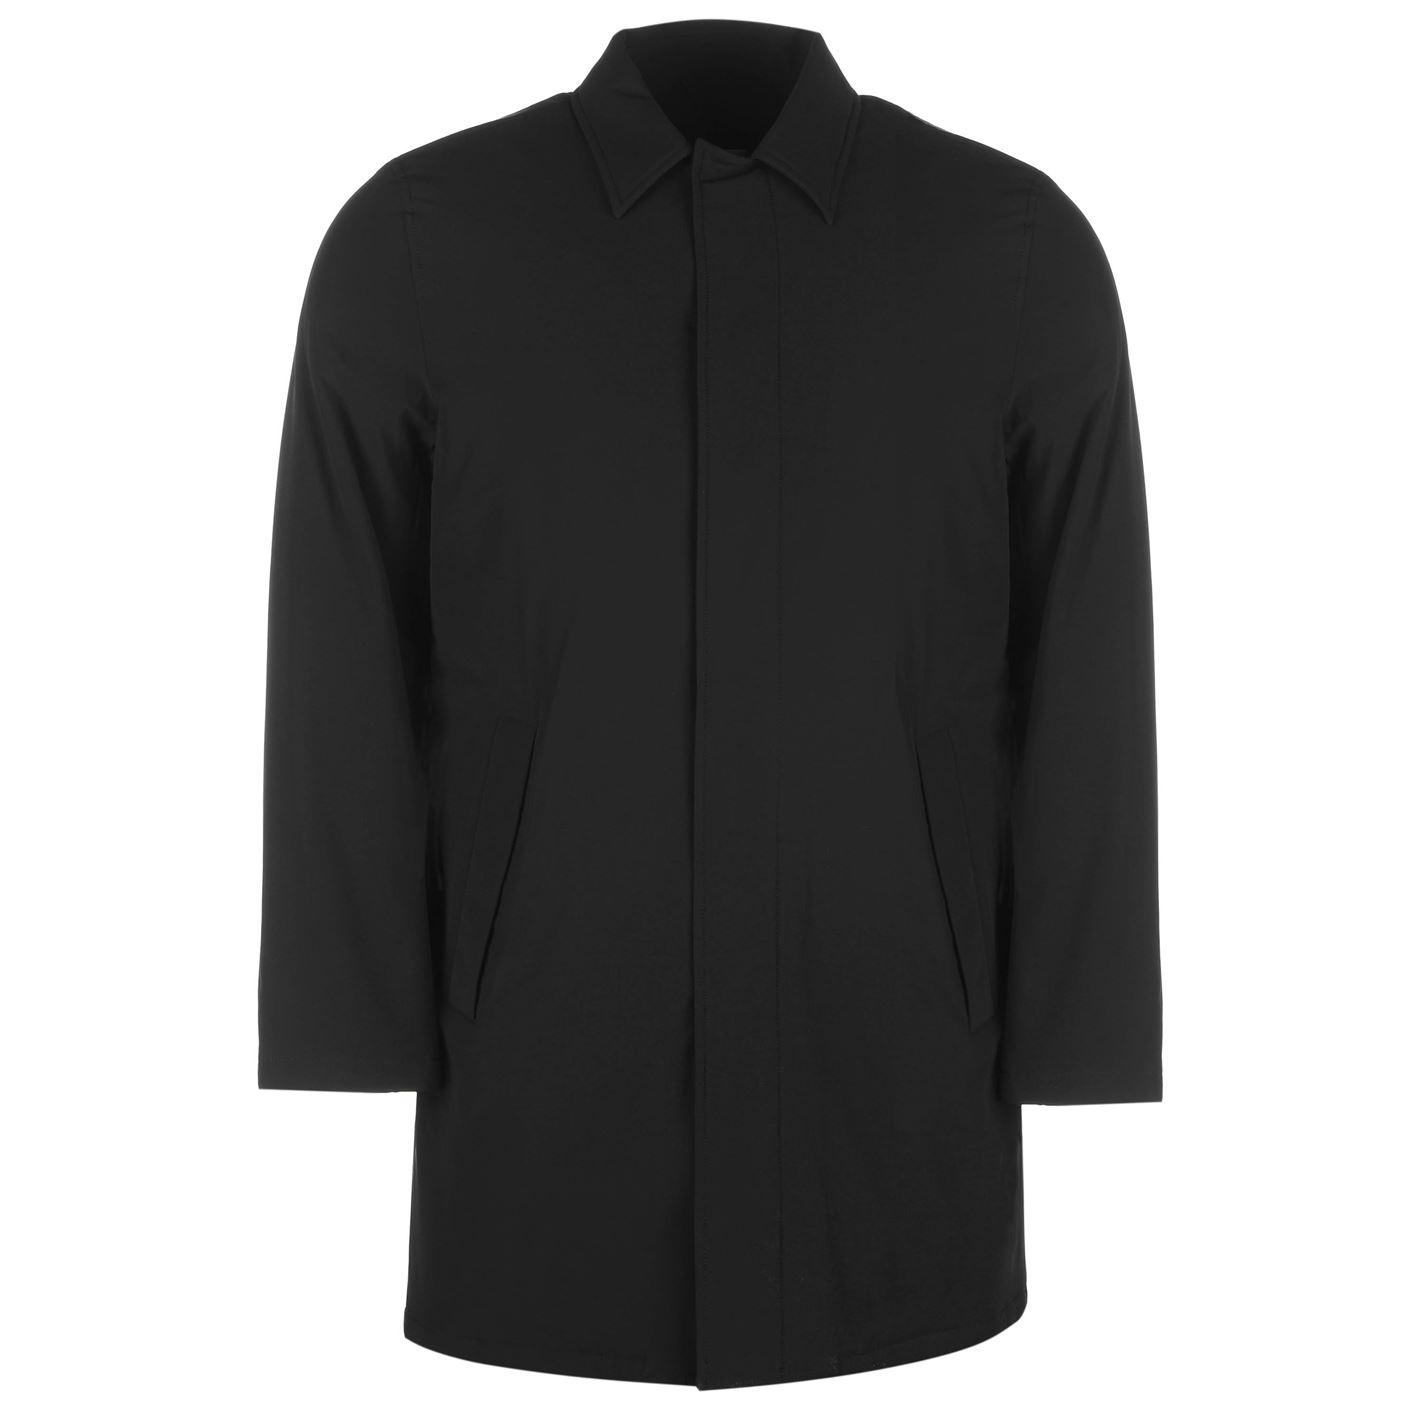 DKNY Long Blouson Jacket